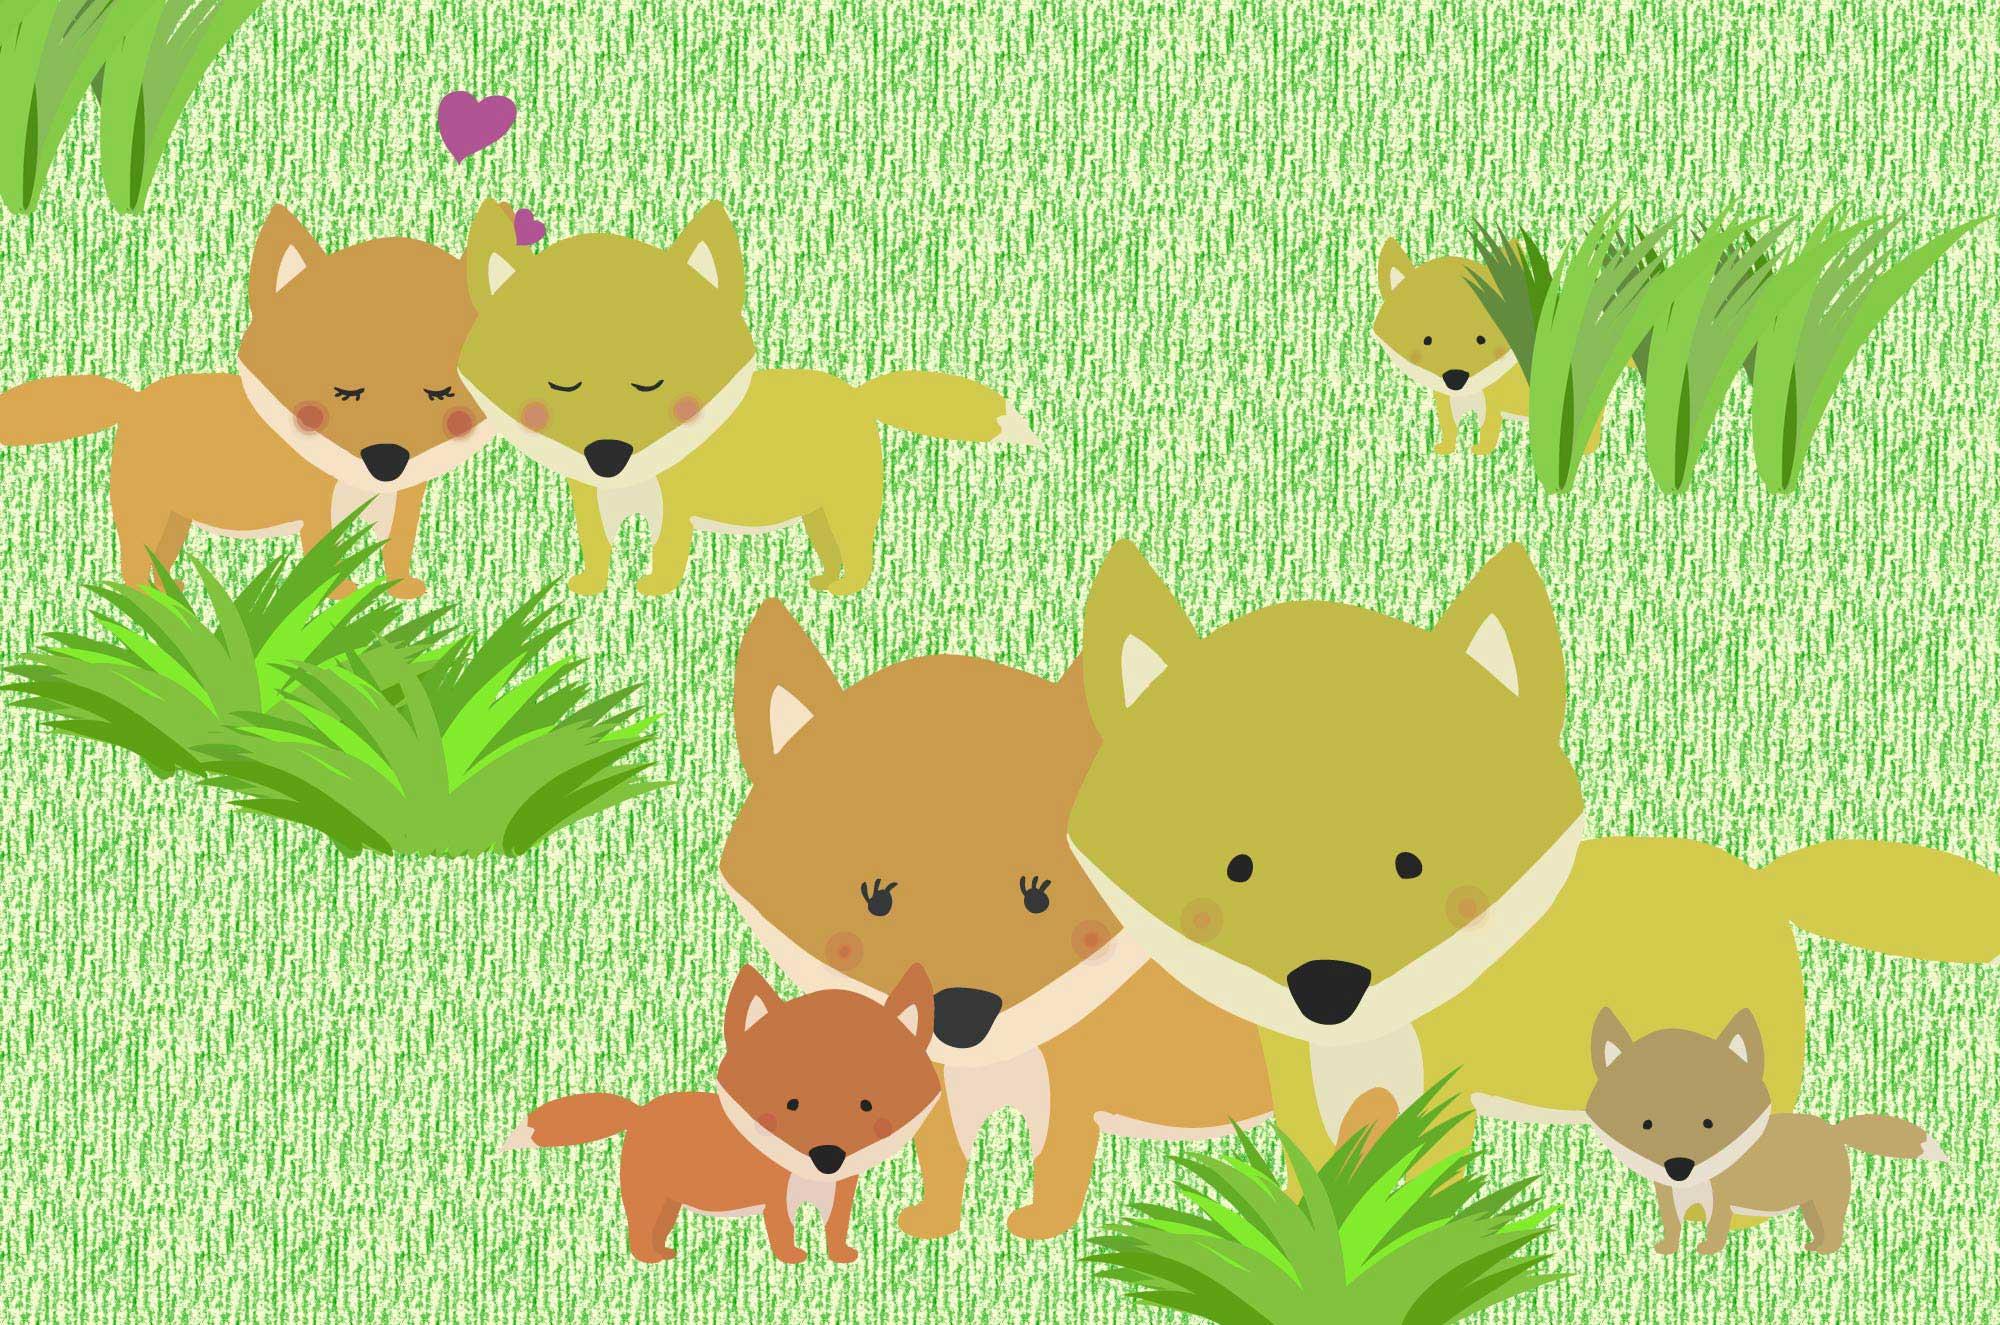 キツネのイラスト - コンコン可愛い動物フリー素材集